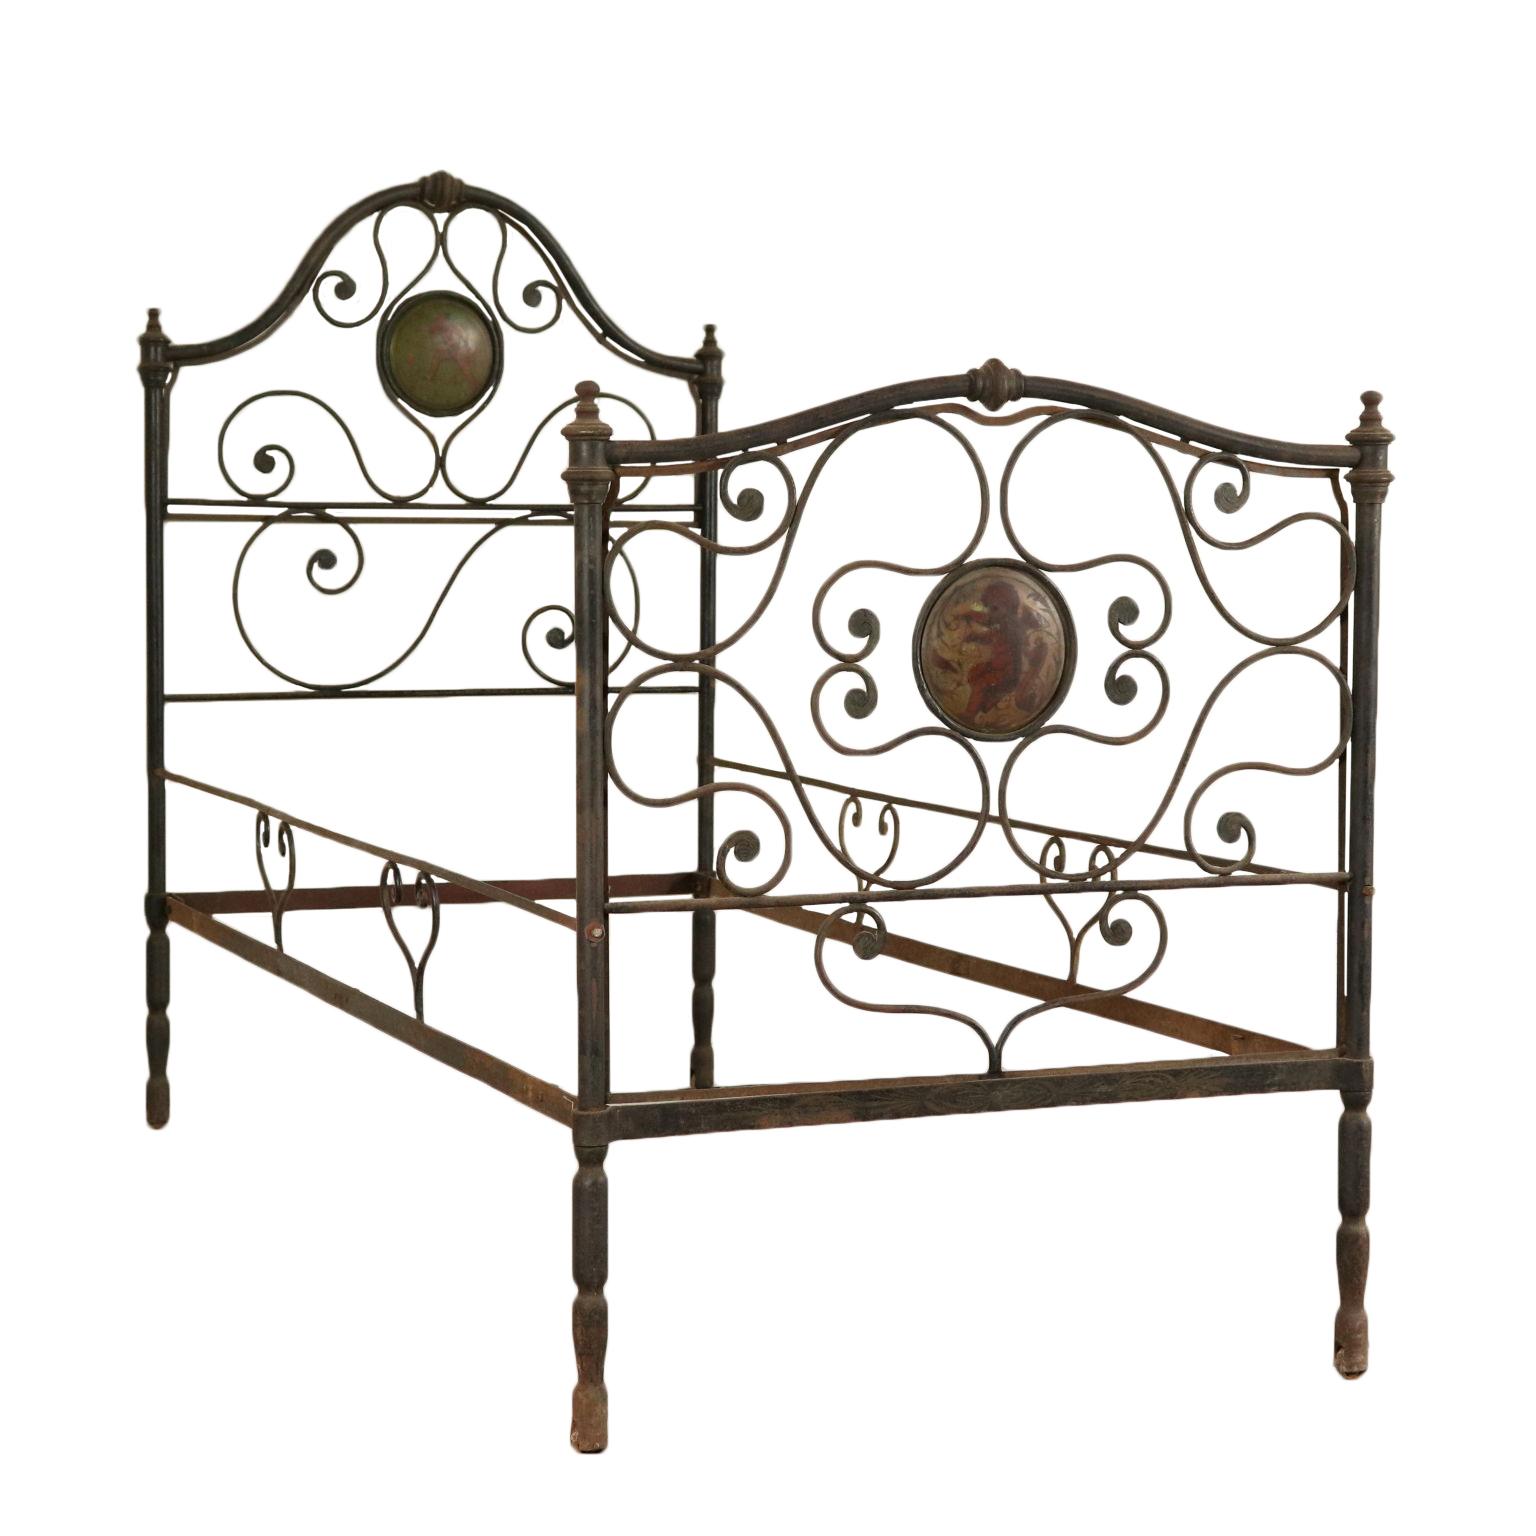 Einzelbett in Schmiedeeisen - Betten und Kopfteile - Antiquitäten ...